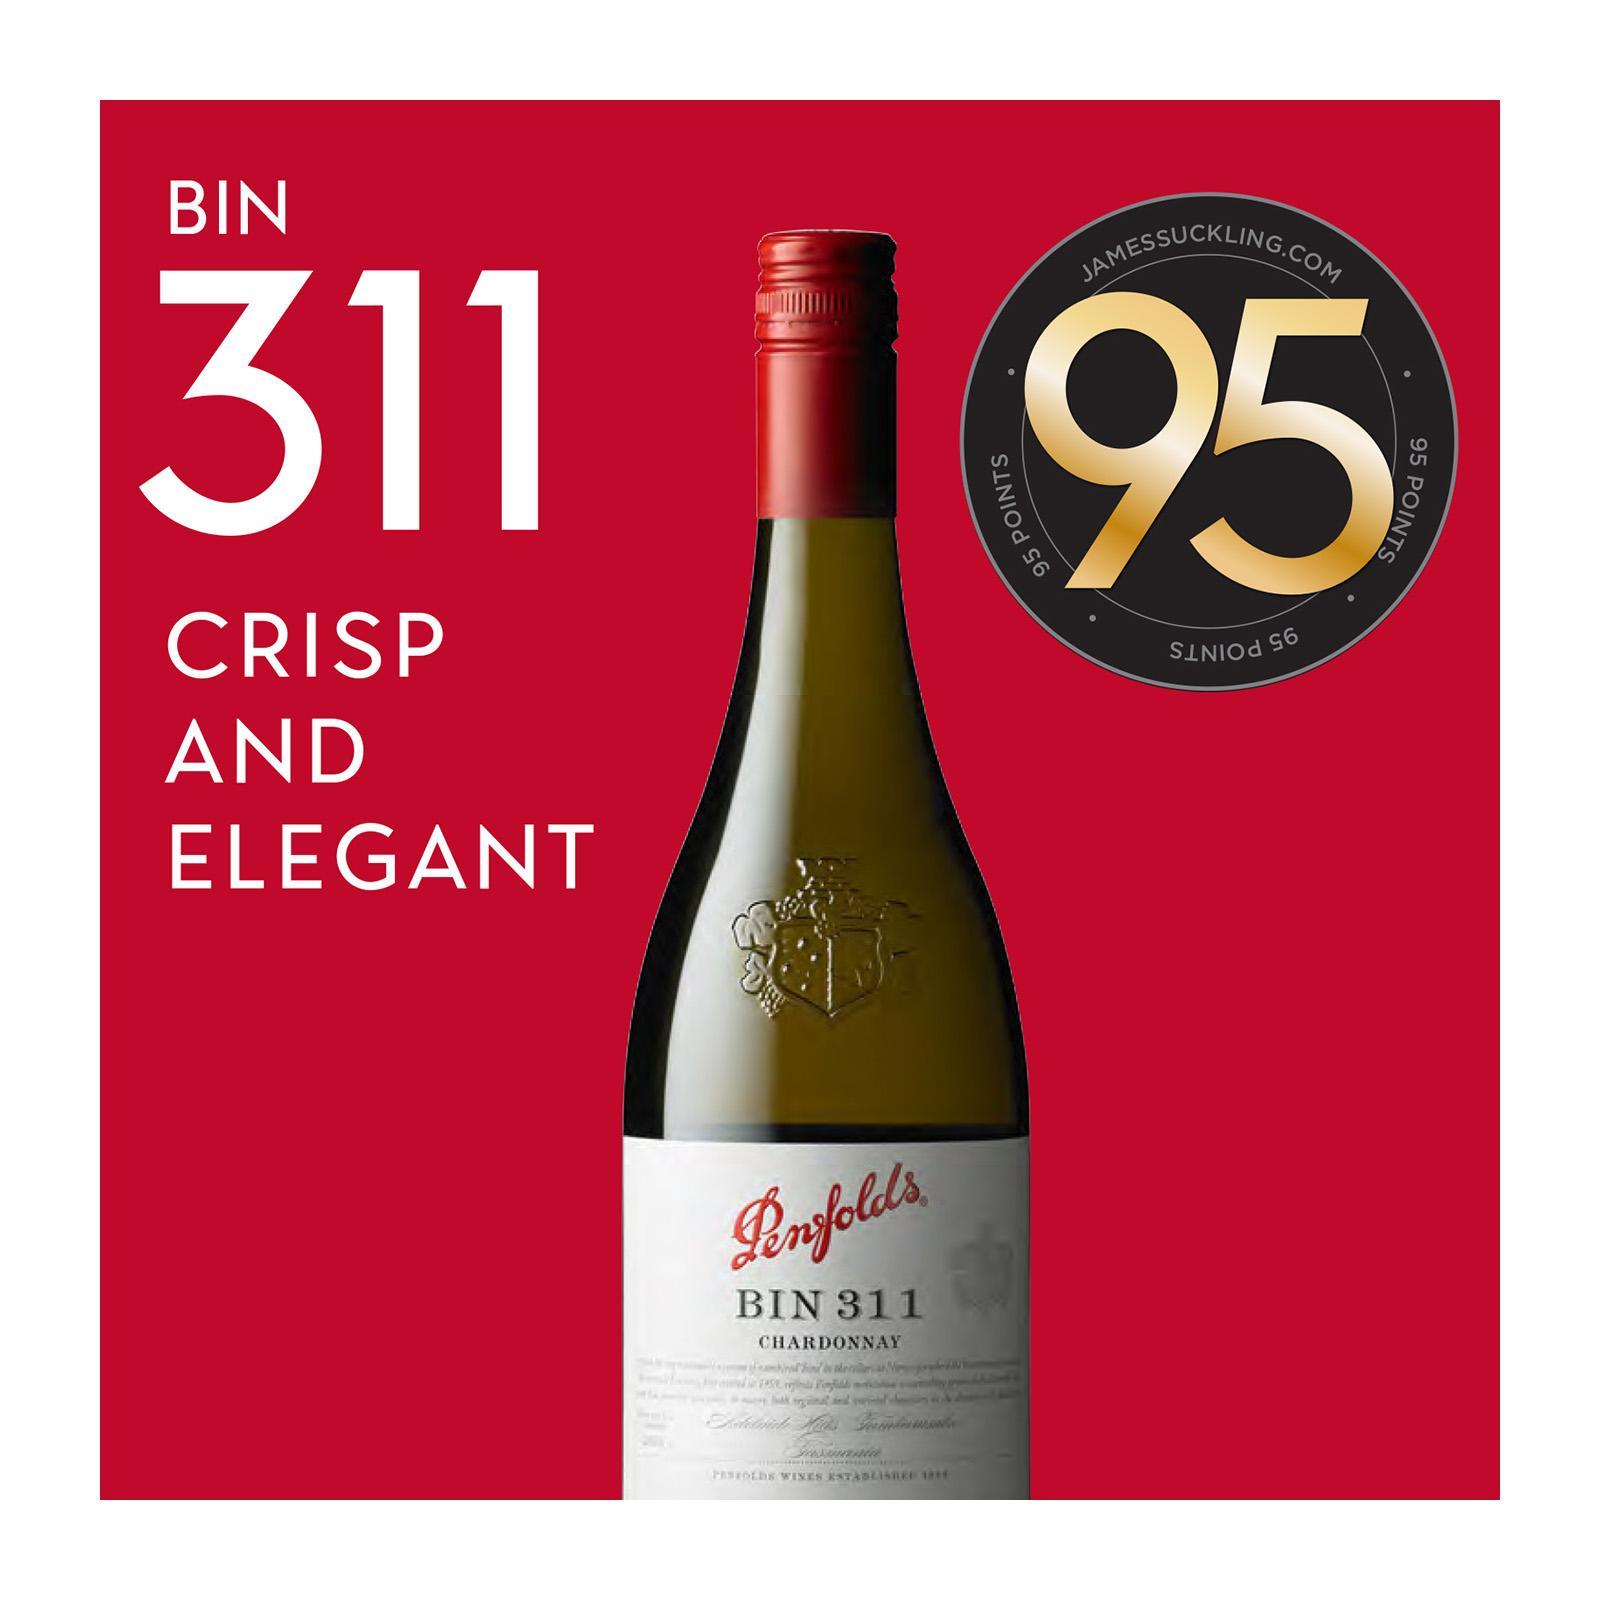 Penfolds Bin 311 Chardonnay 2017 Wine Bottle